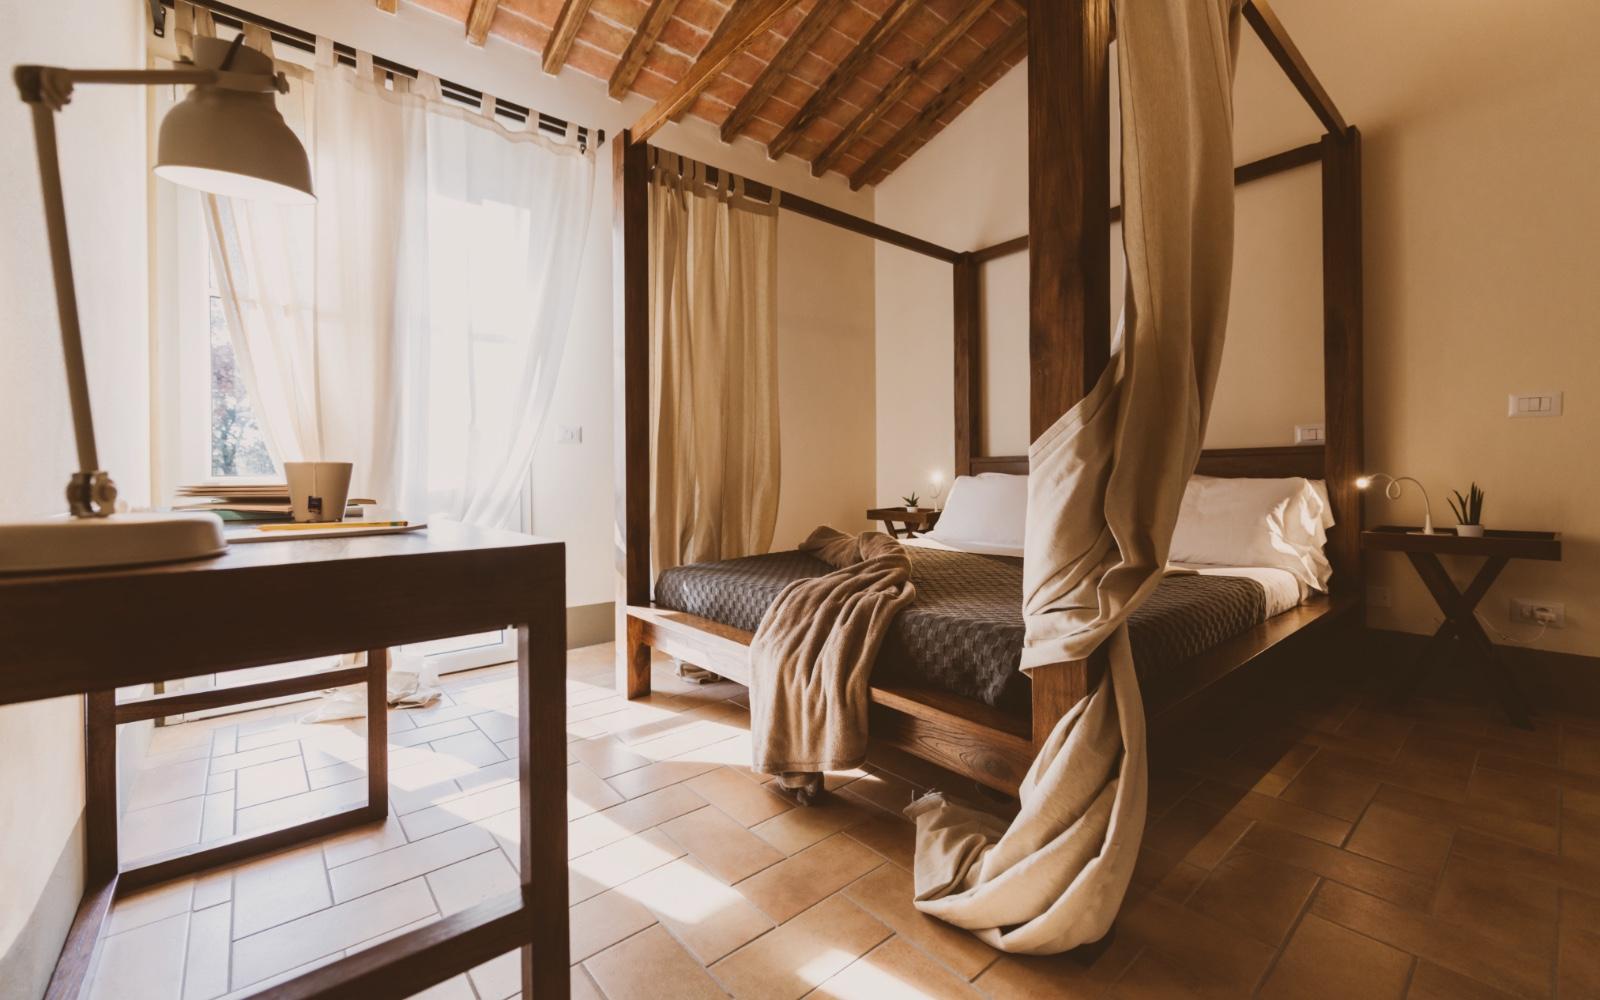 Borgo Le Colline - 1 bedroom apartment in Tuscany